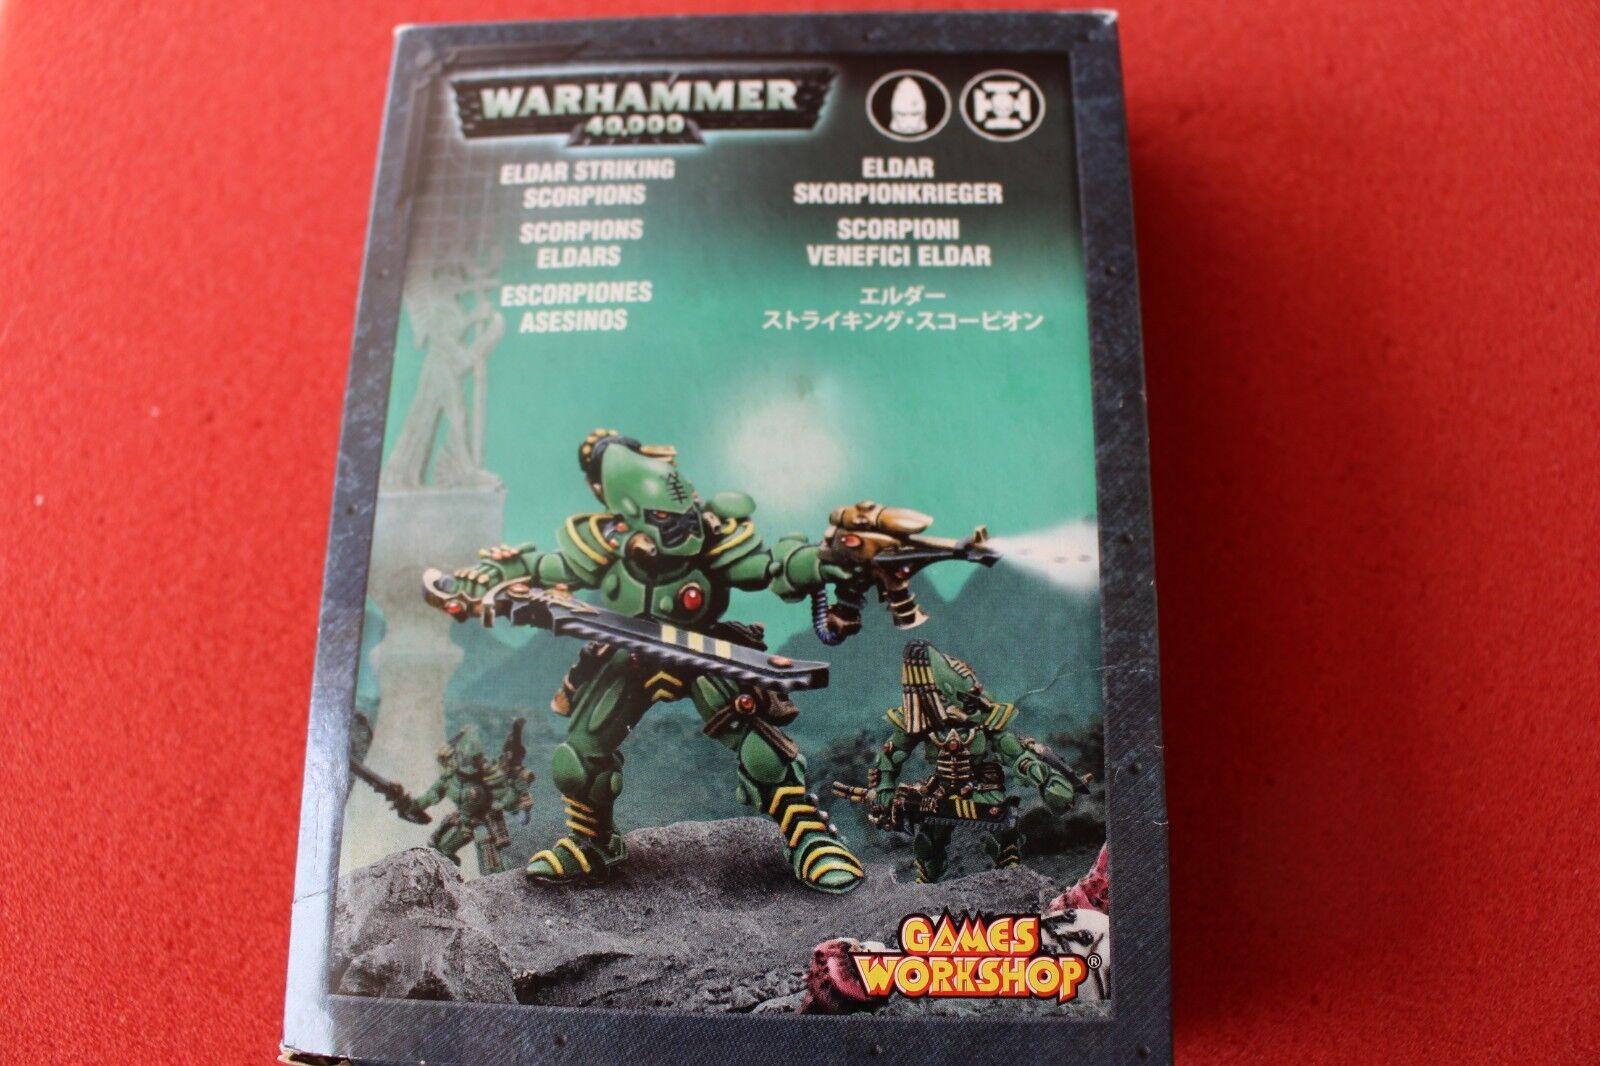 giocos lavoronegozio  WARHAMMER 40k Eldar sorprendente SCORPIONI squadra in mettuttio in scatola GW fuori catalogo  fornire un prodotto di qualità